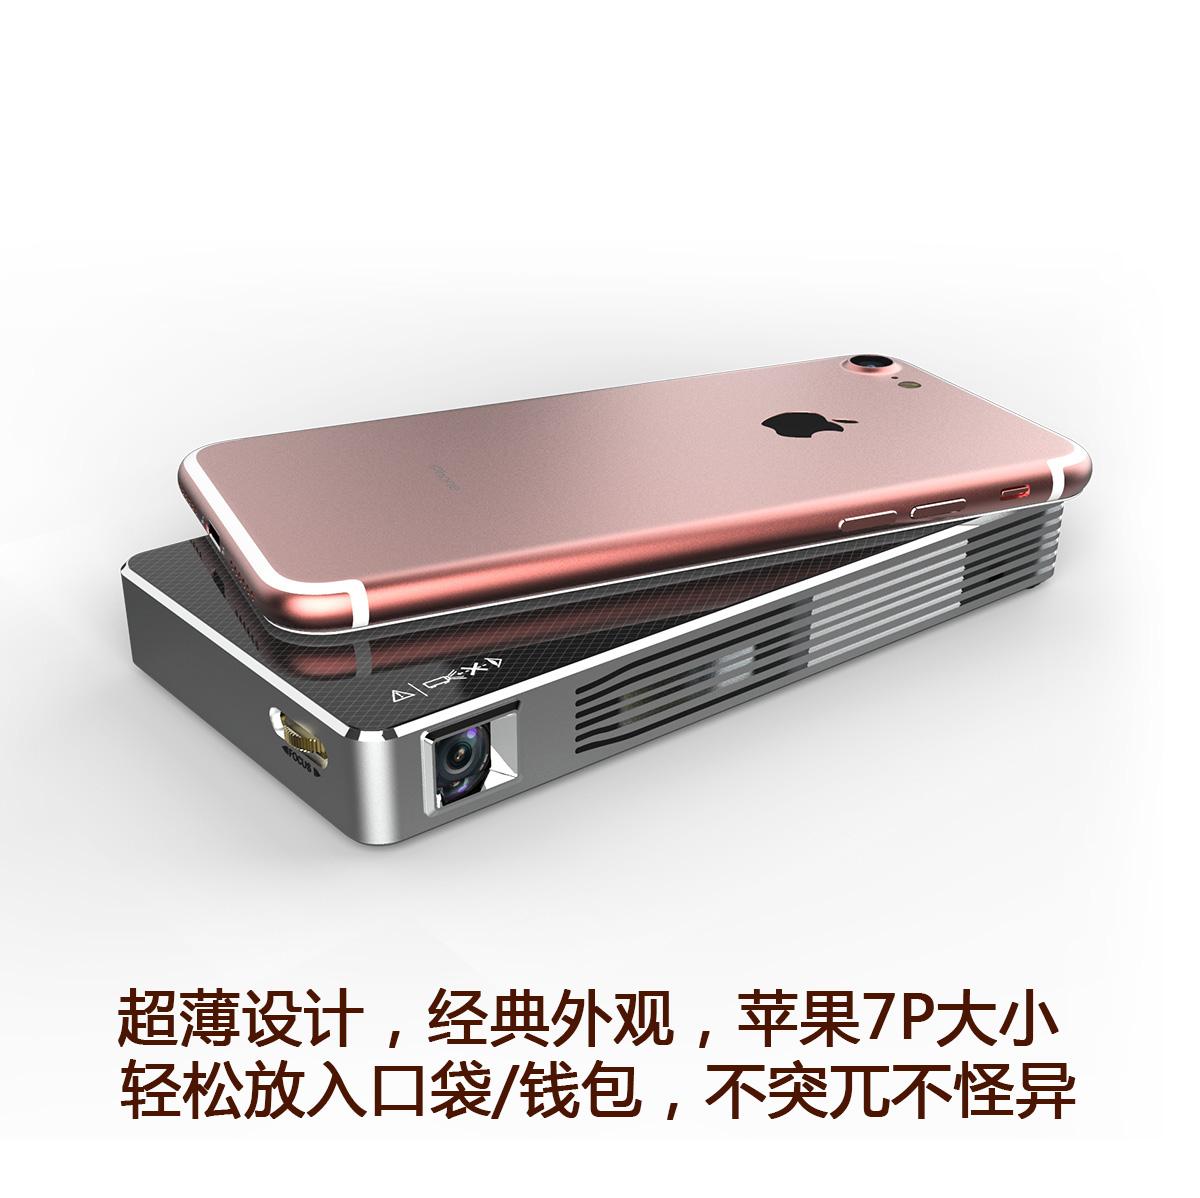 投影机小型无屏电视 wifi 手机投影仪迷你微型家用高清无线 W7 光影